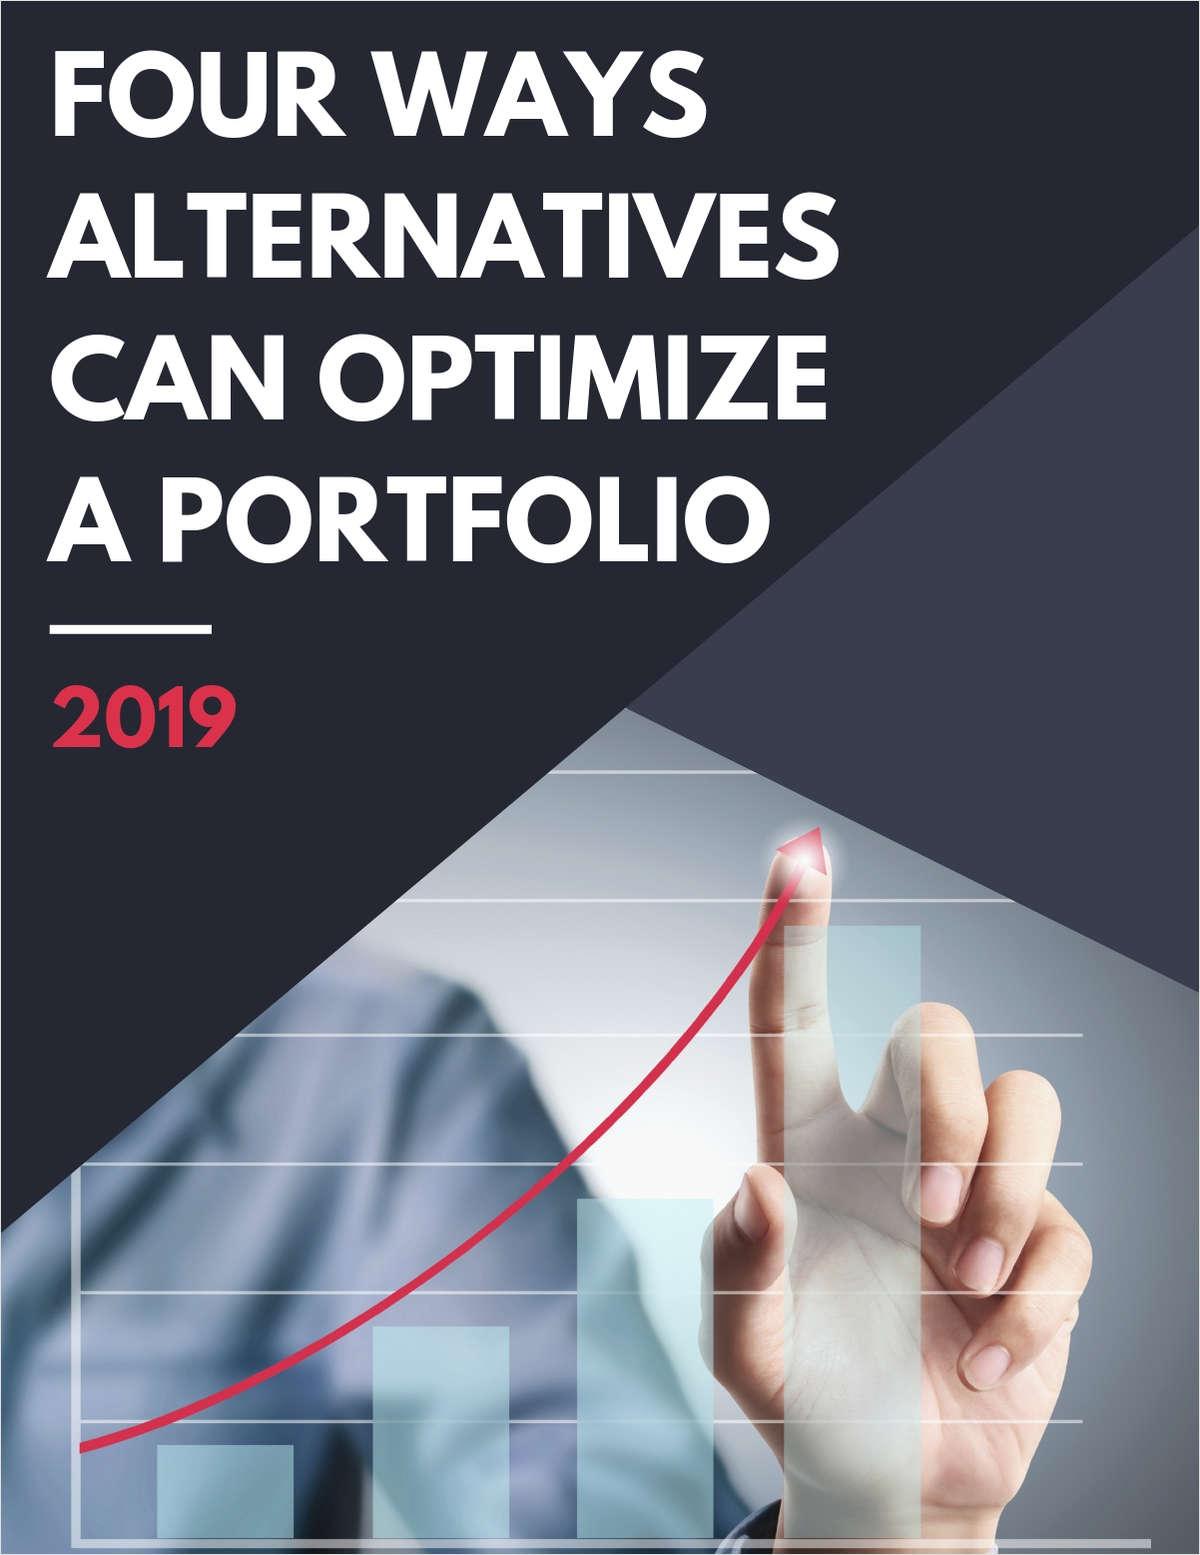 Four Ways Alternatives can Optimize a Portfolio